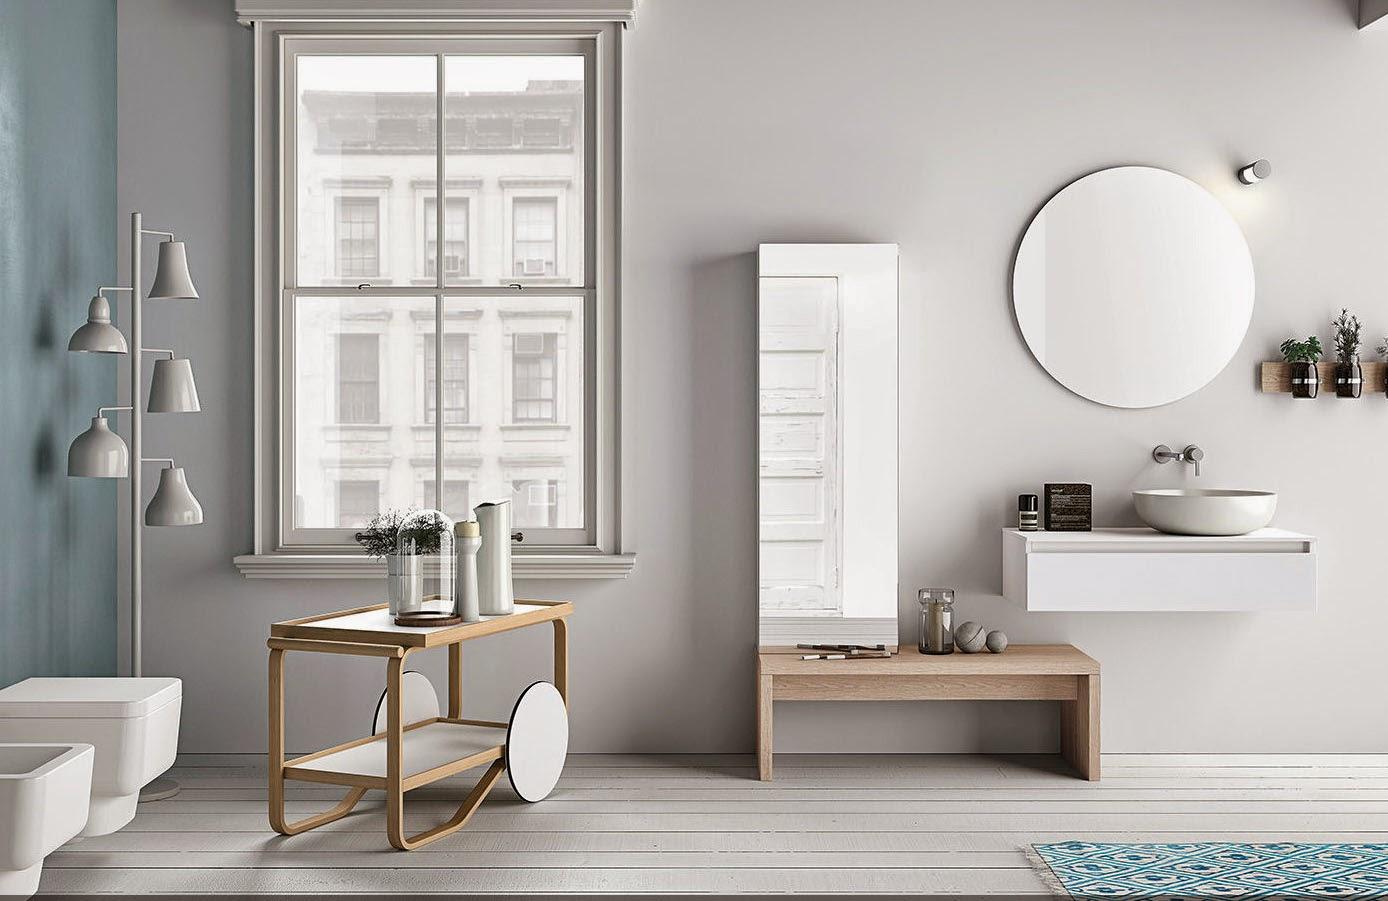 baños estilo nórdico Sevilla diseño interior reformar cuartos de baño servicios precio